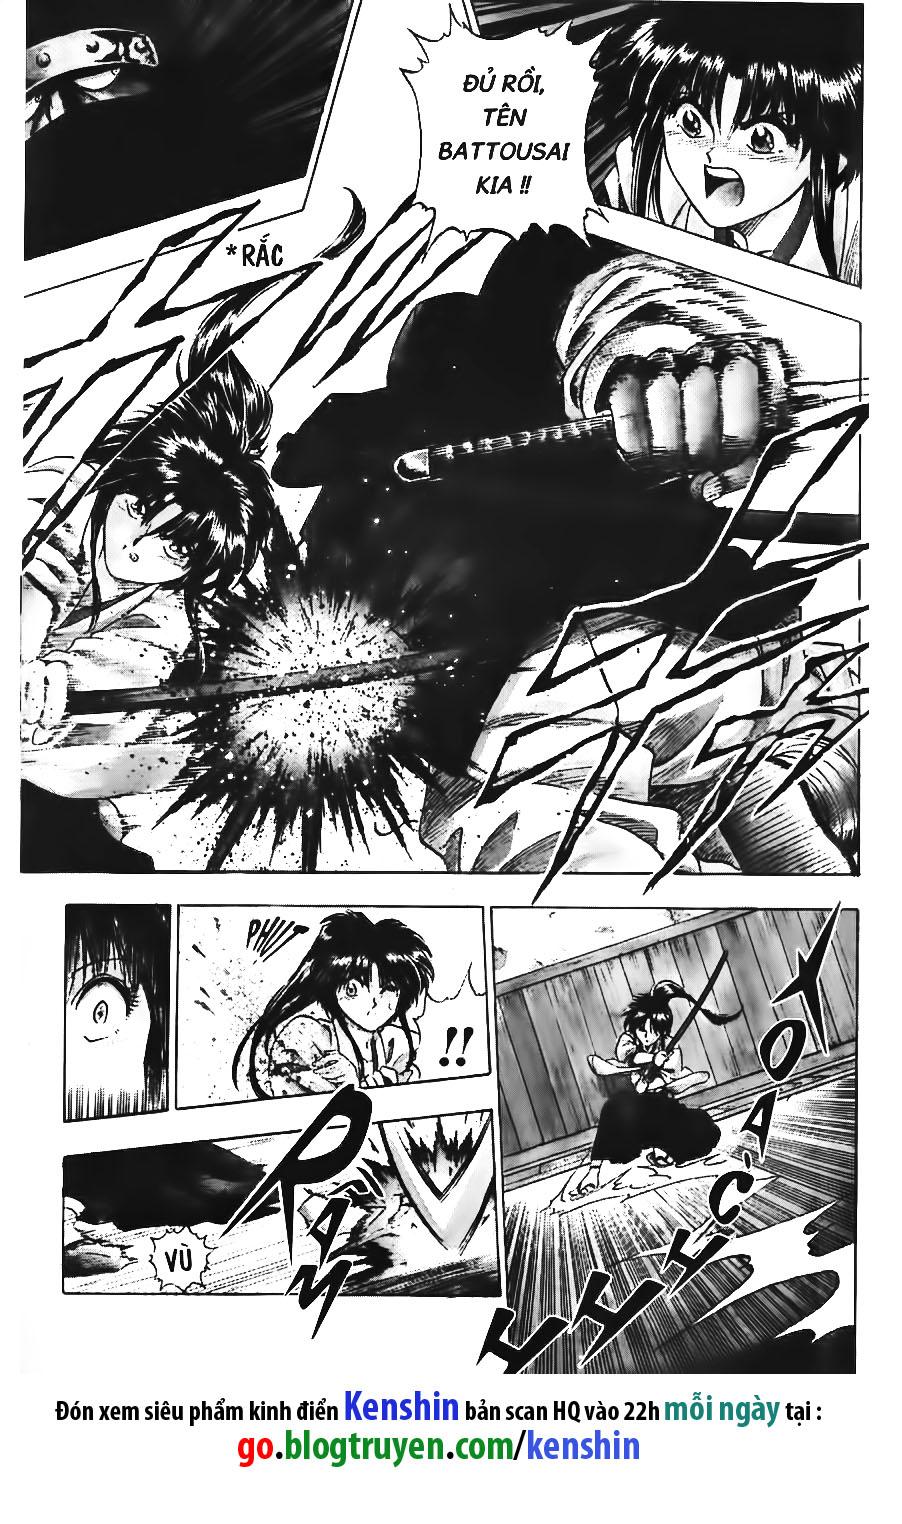 Lãng khách Kenshin Chap 1 . Next Chap Chap 2